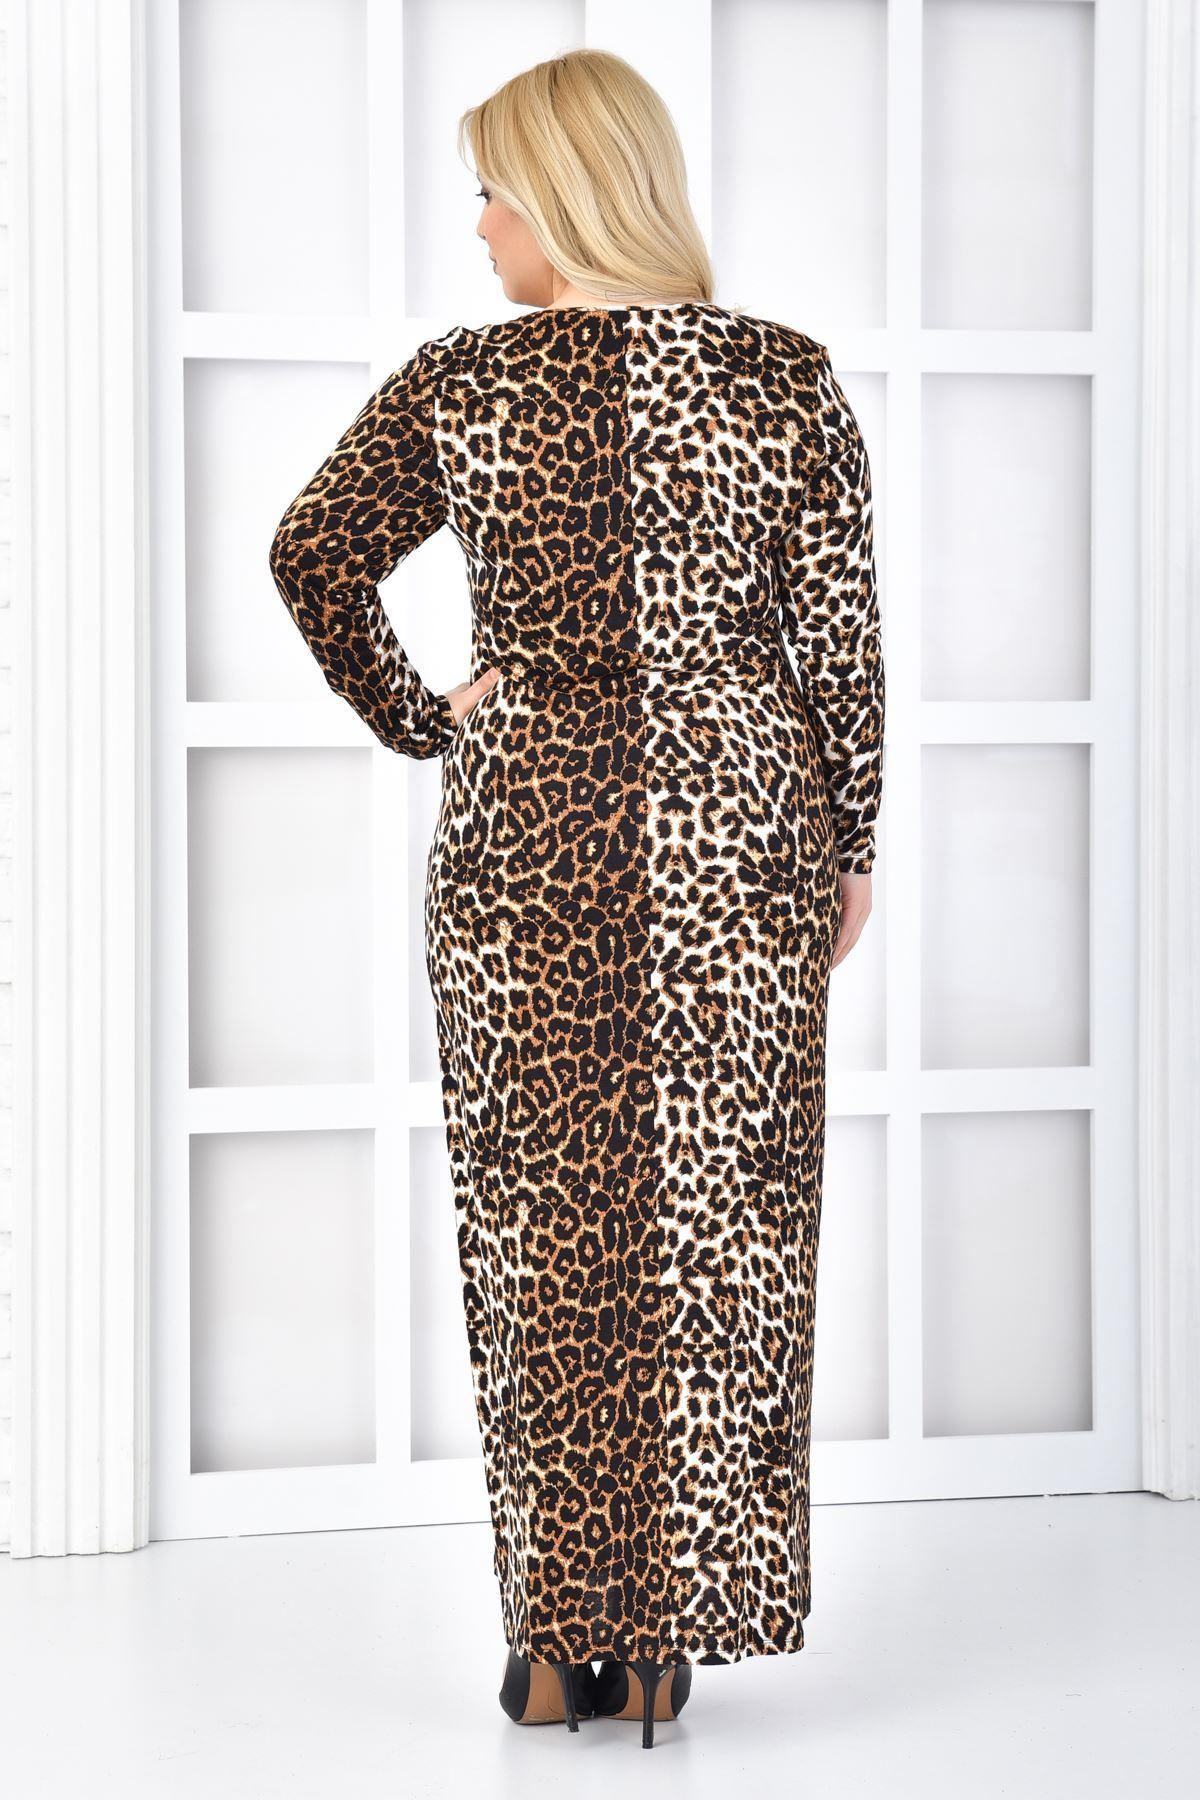 Fupe Büyük Beden Uzun Elbise Siyah Kadın Leopar Desen